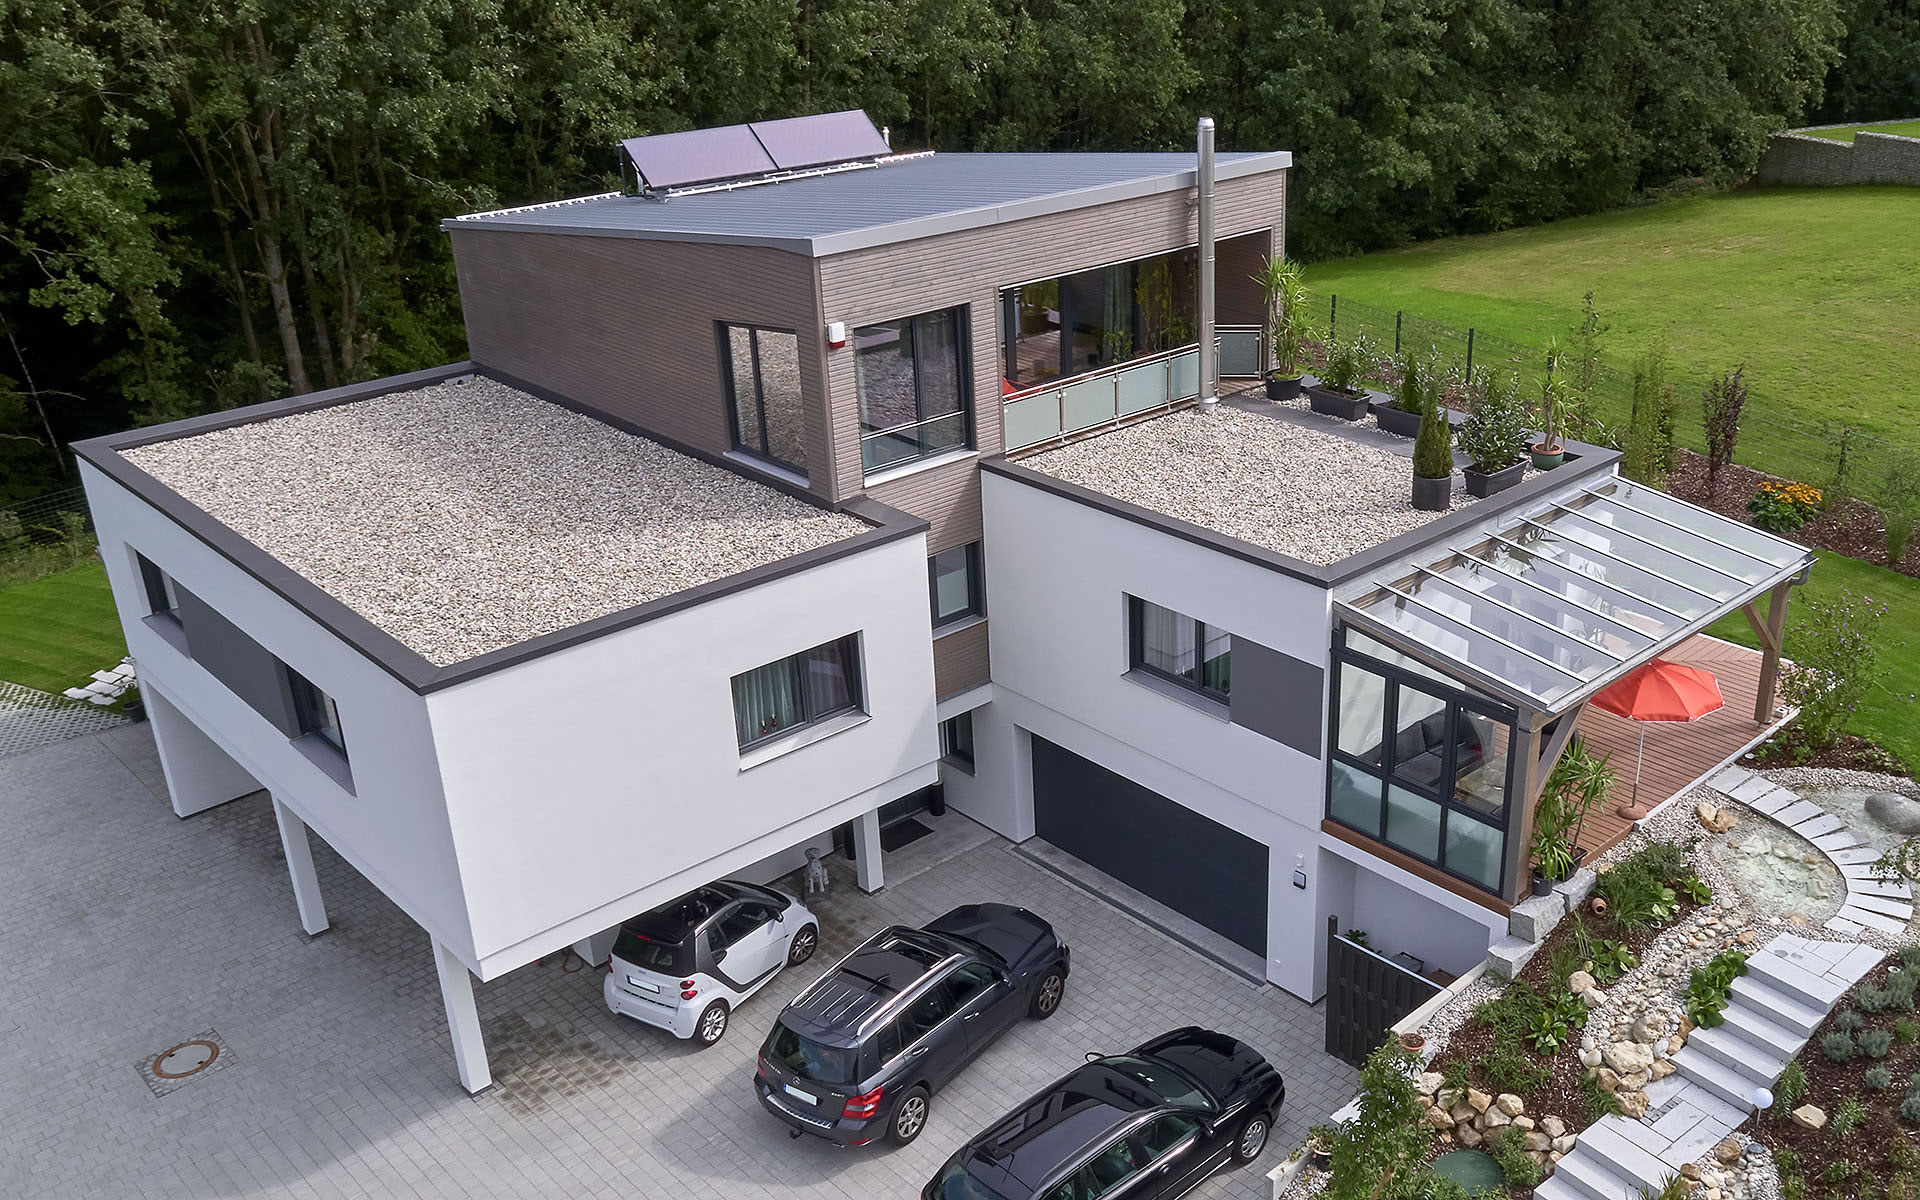 Rodler von Sonnleitner Holzbauwerke GmbH & Co. KG